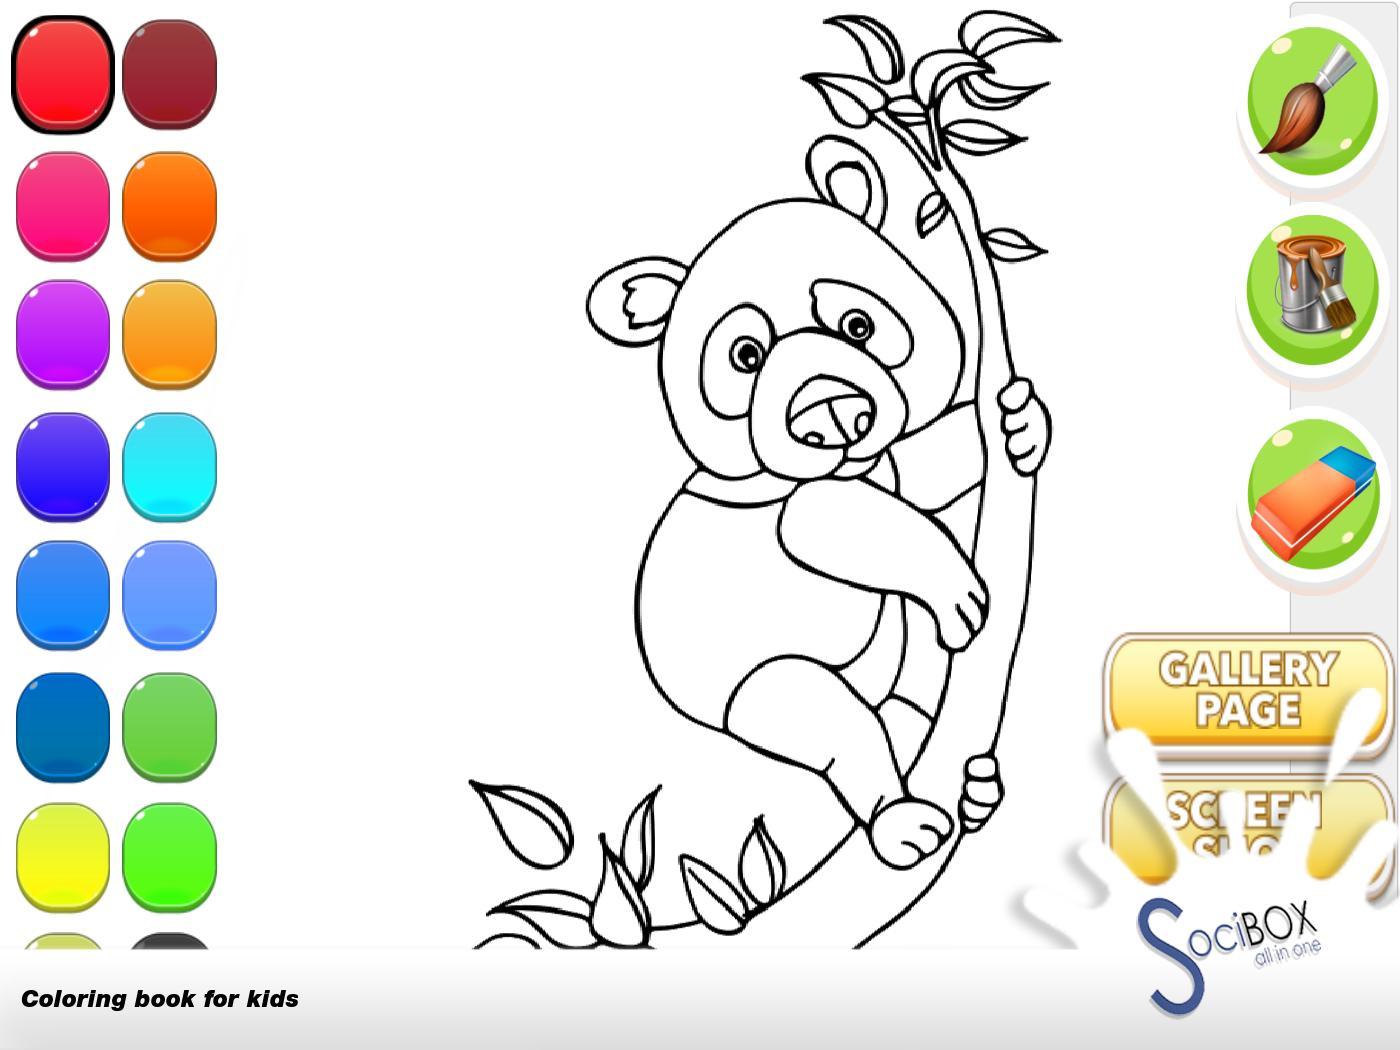 Panda Buku Mewarnai For Android APK Download